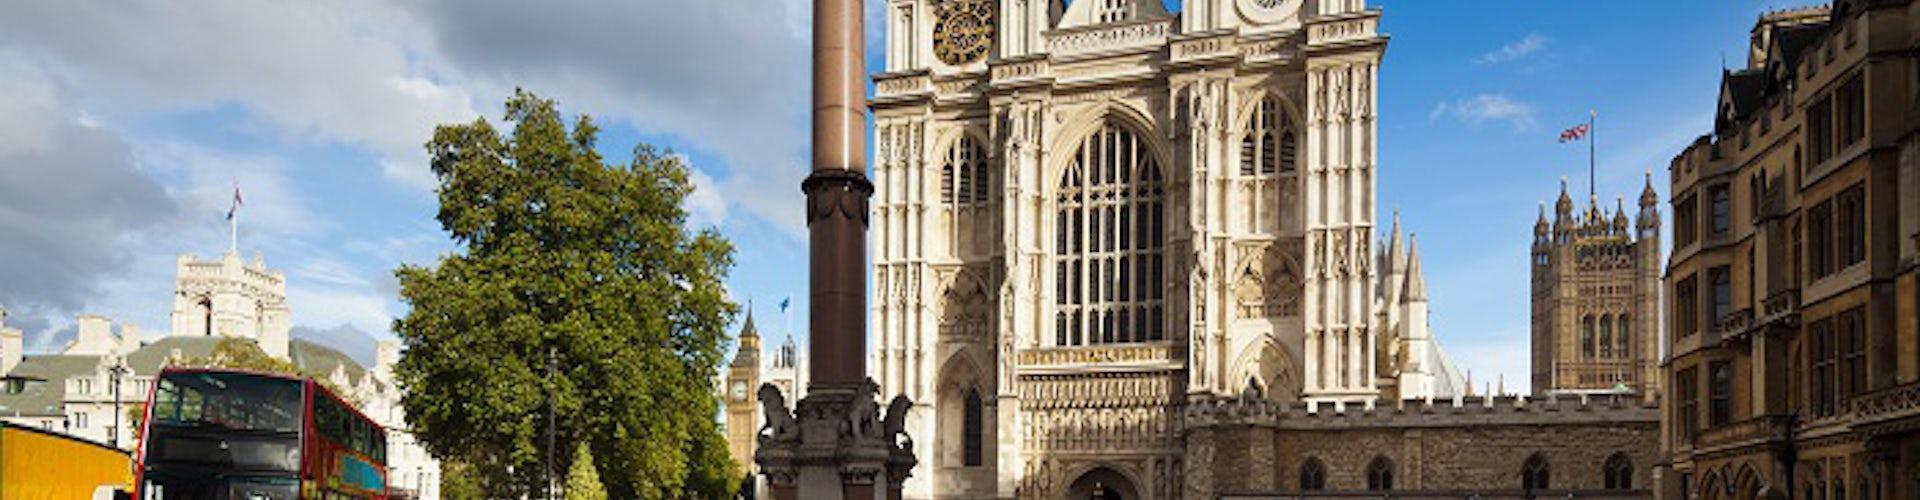 Tour Abadia De Westminster